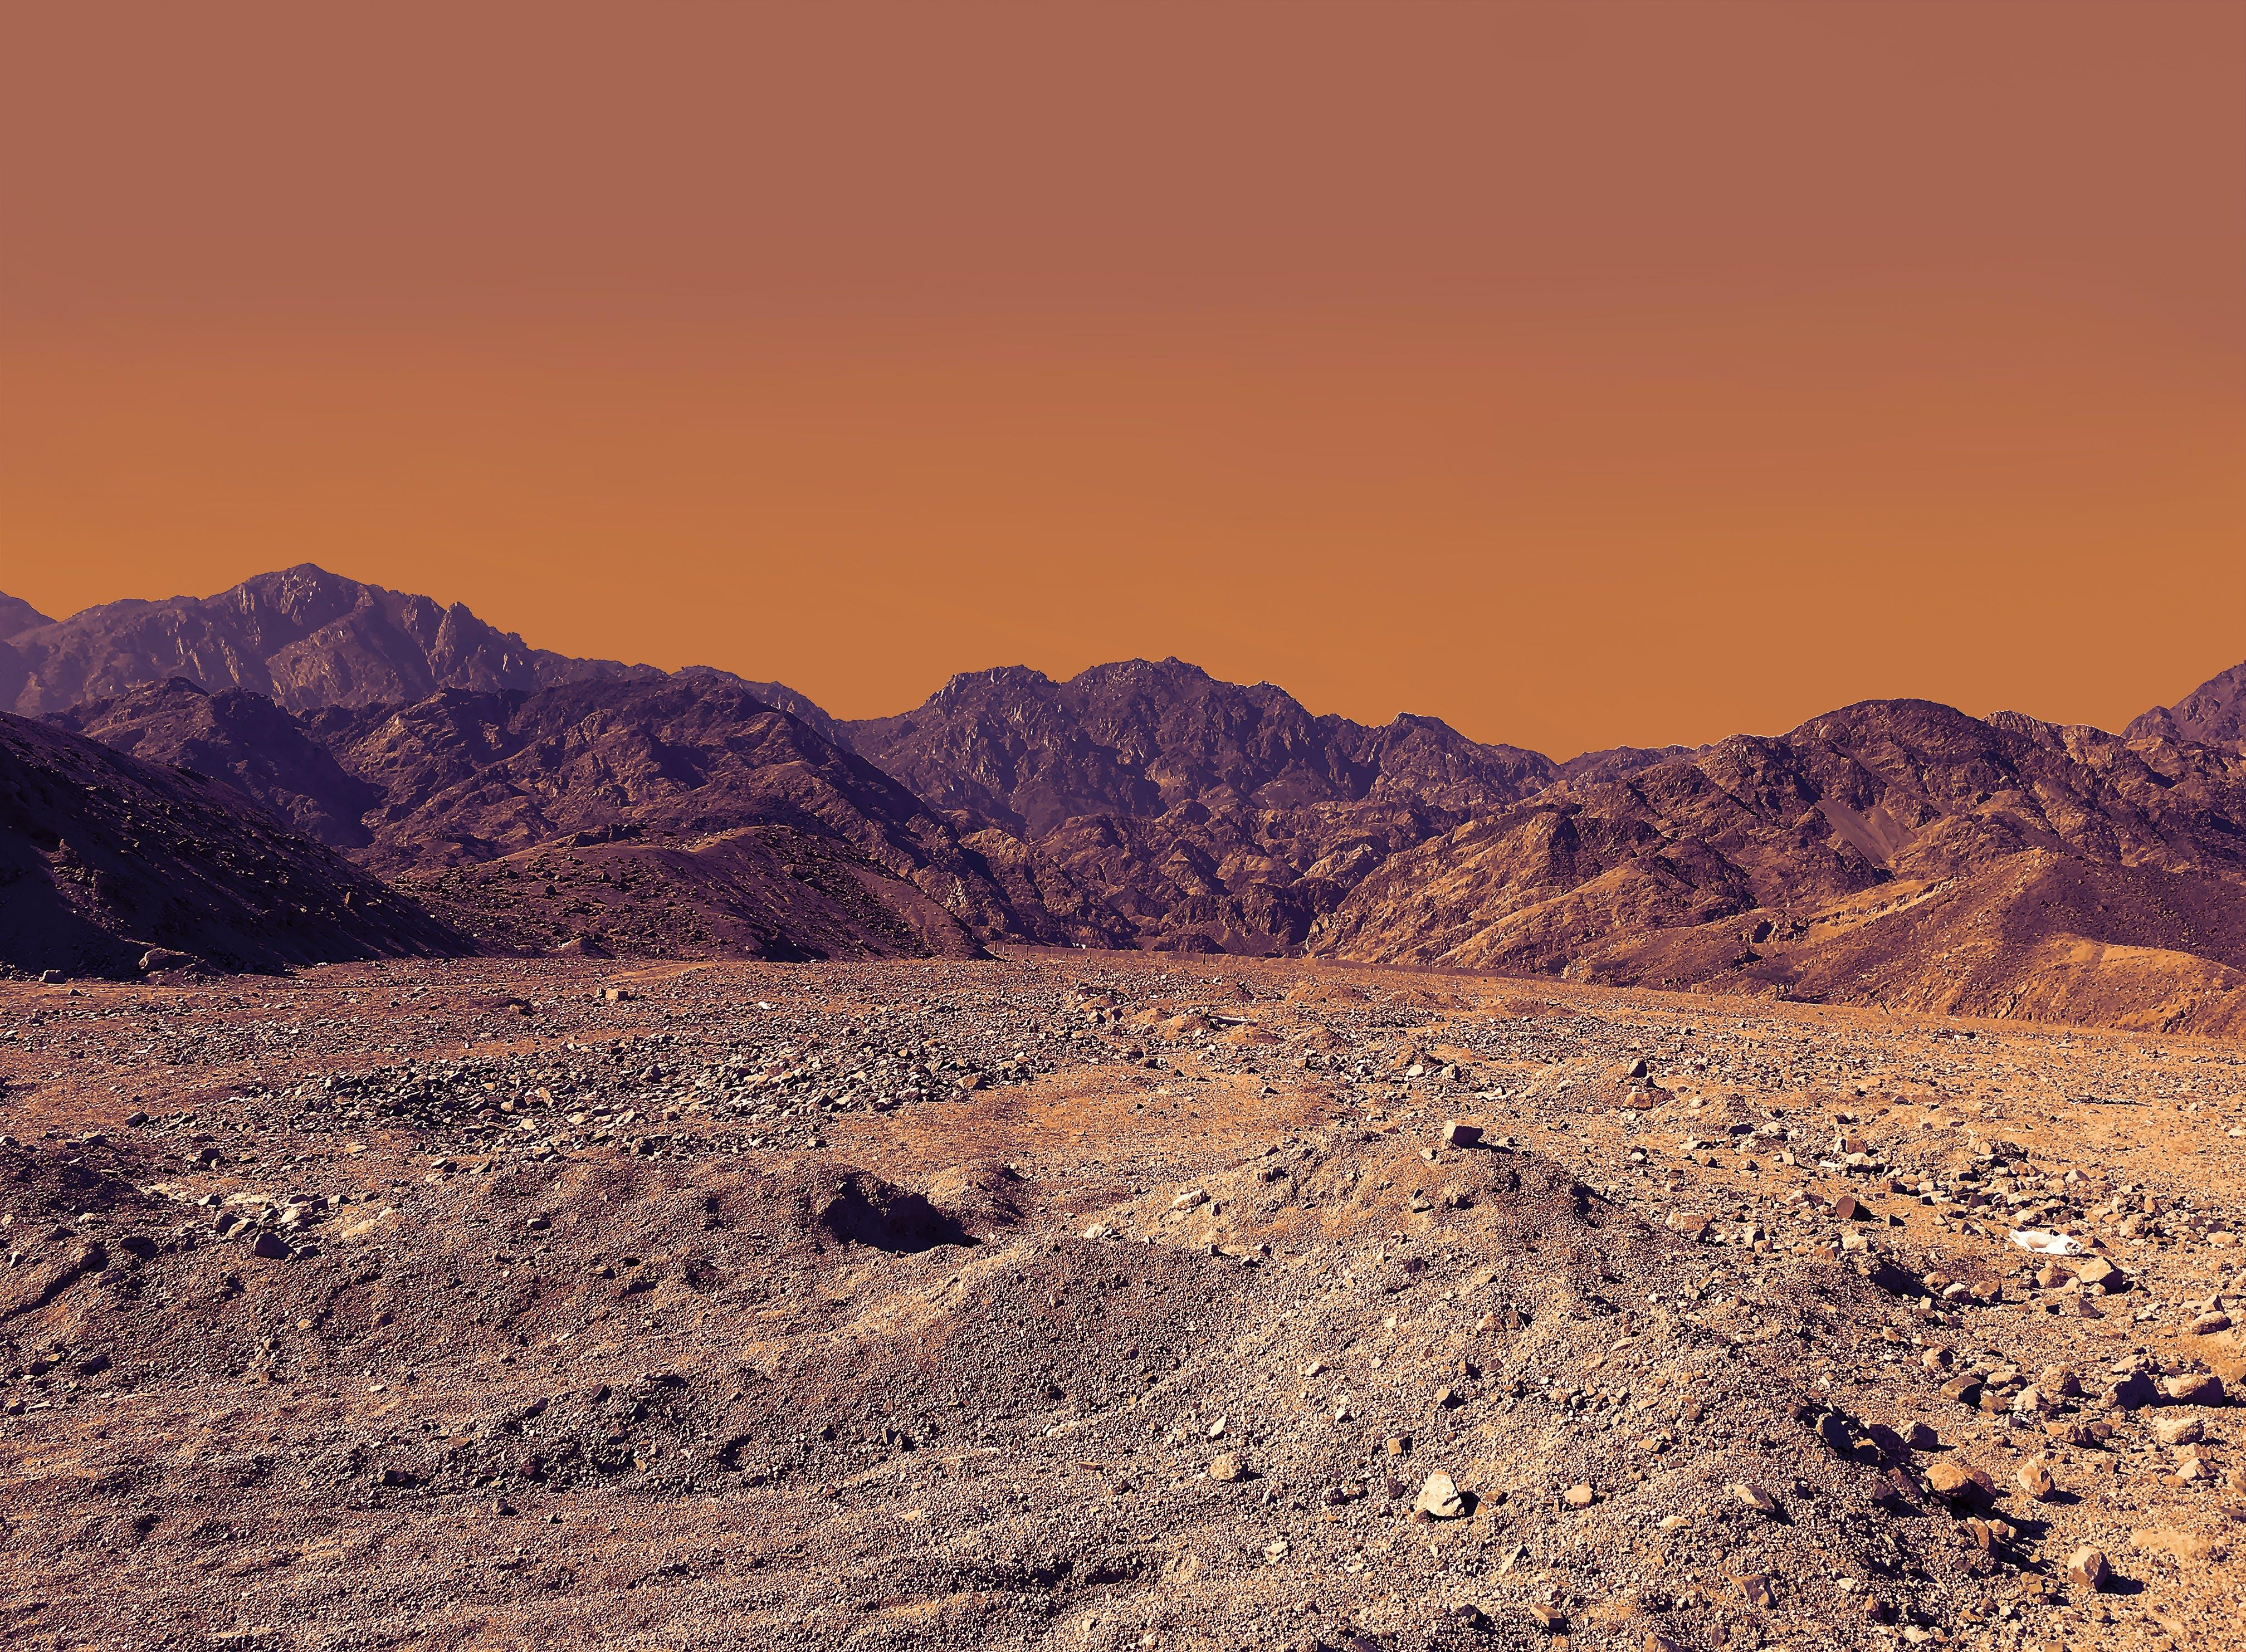 Fotos de stock gratuitas de arena, árido, cielo, Desierto